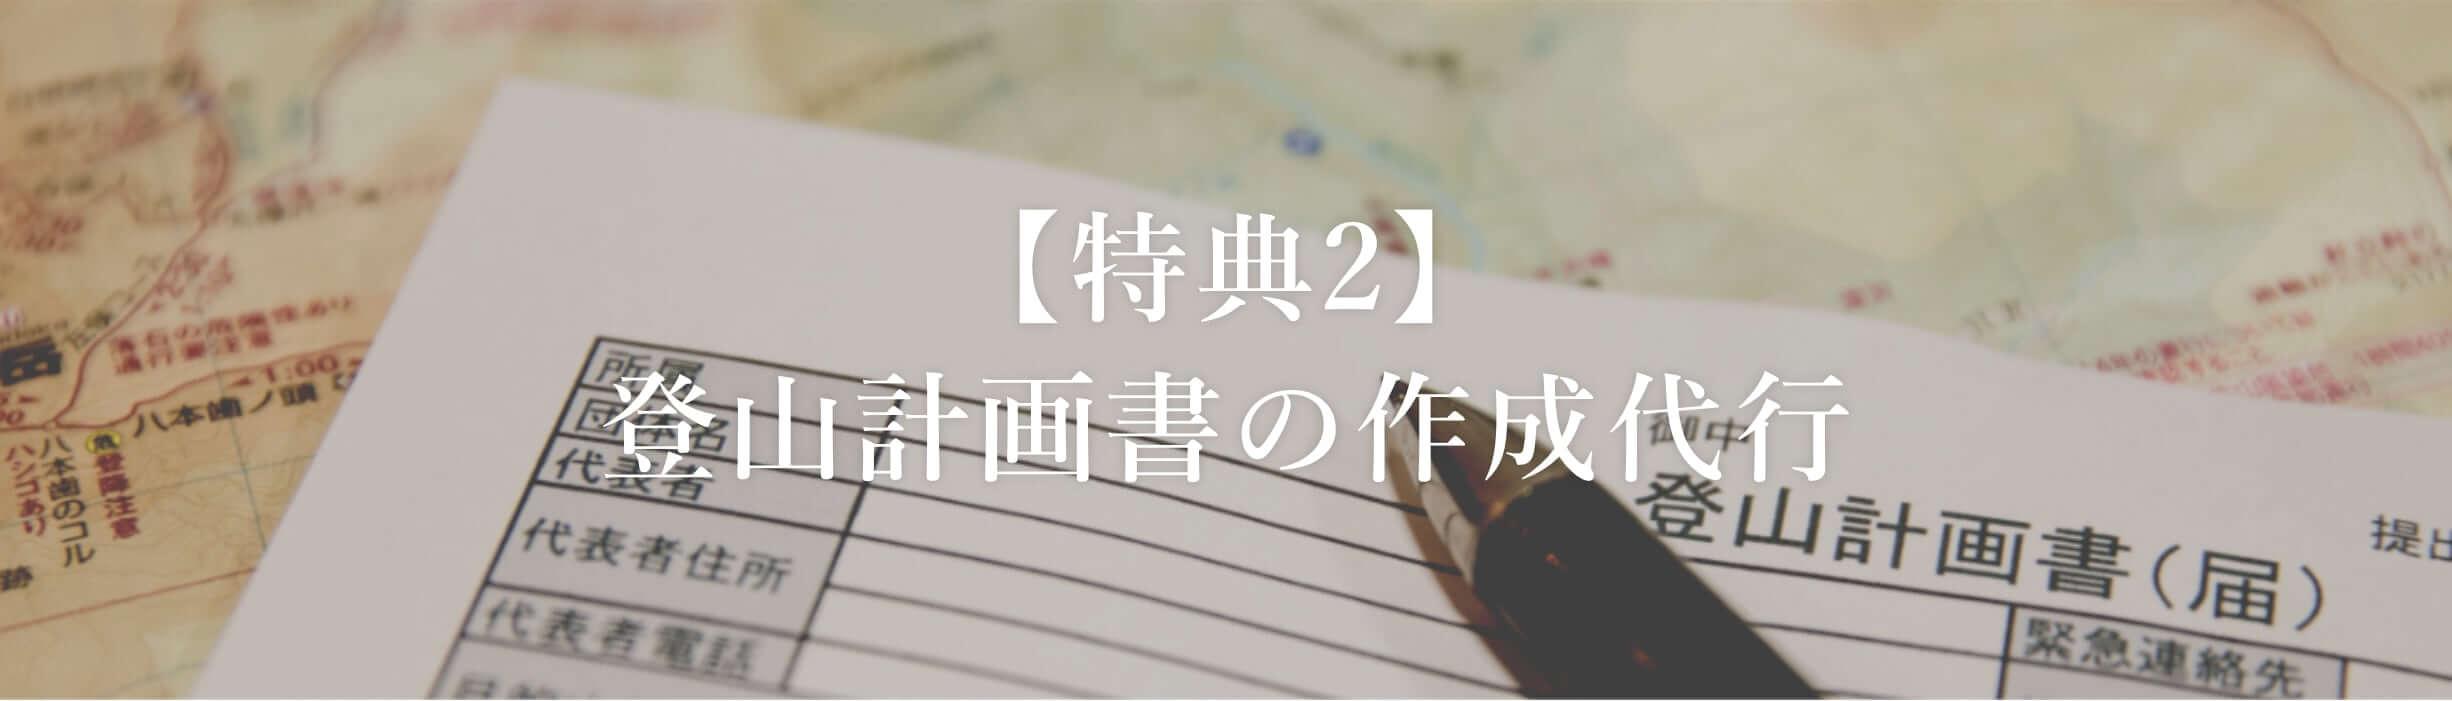 【特典2】登山計画書の作成代行